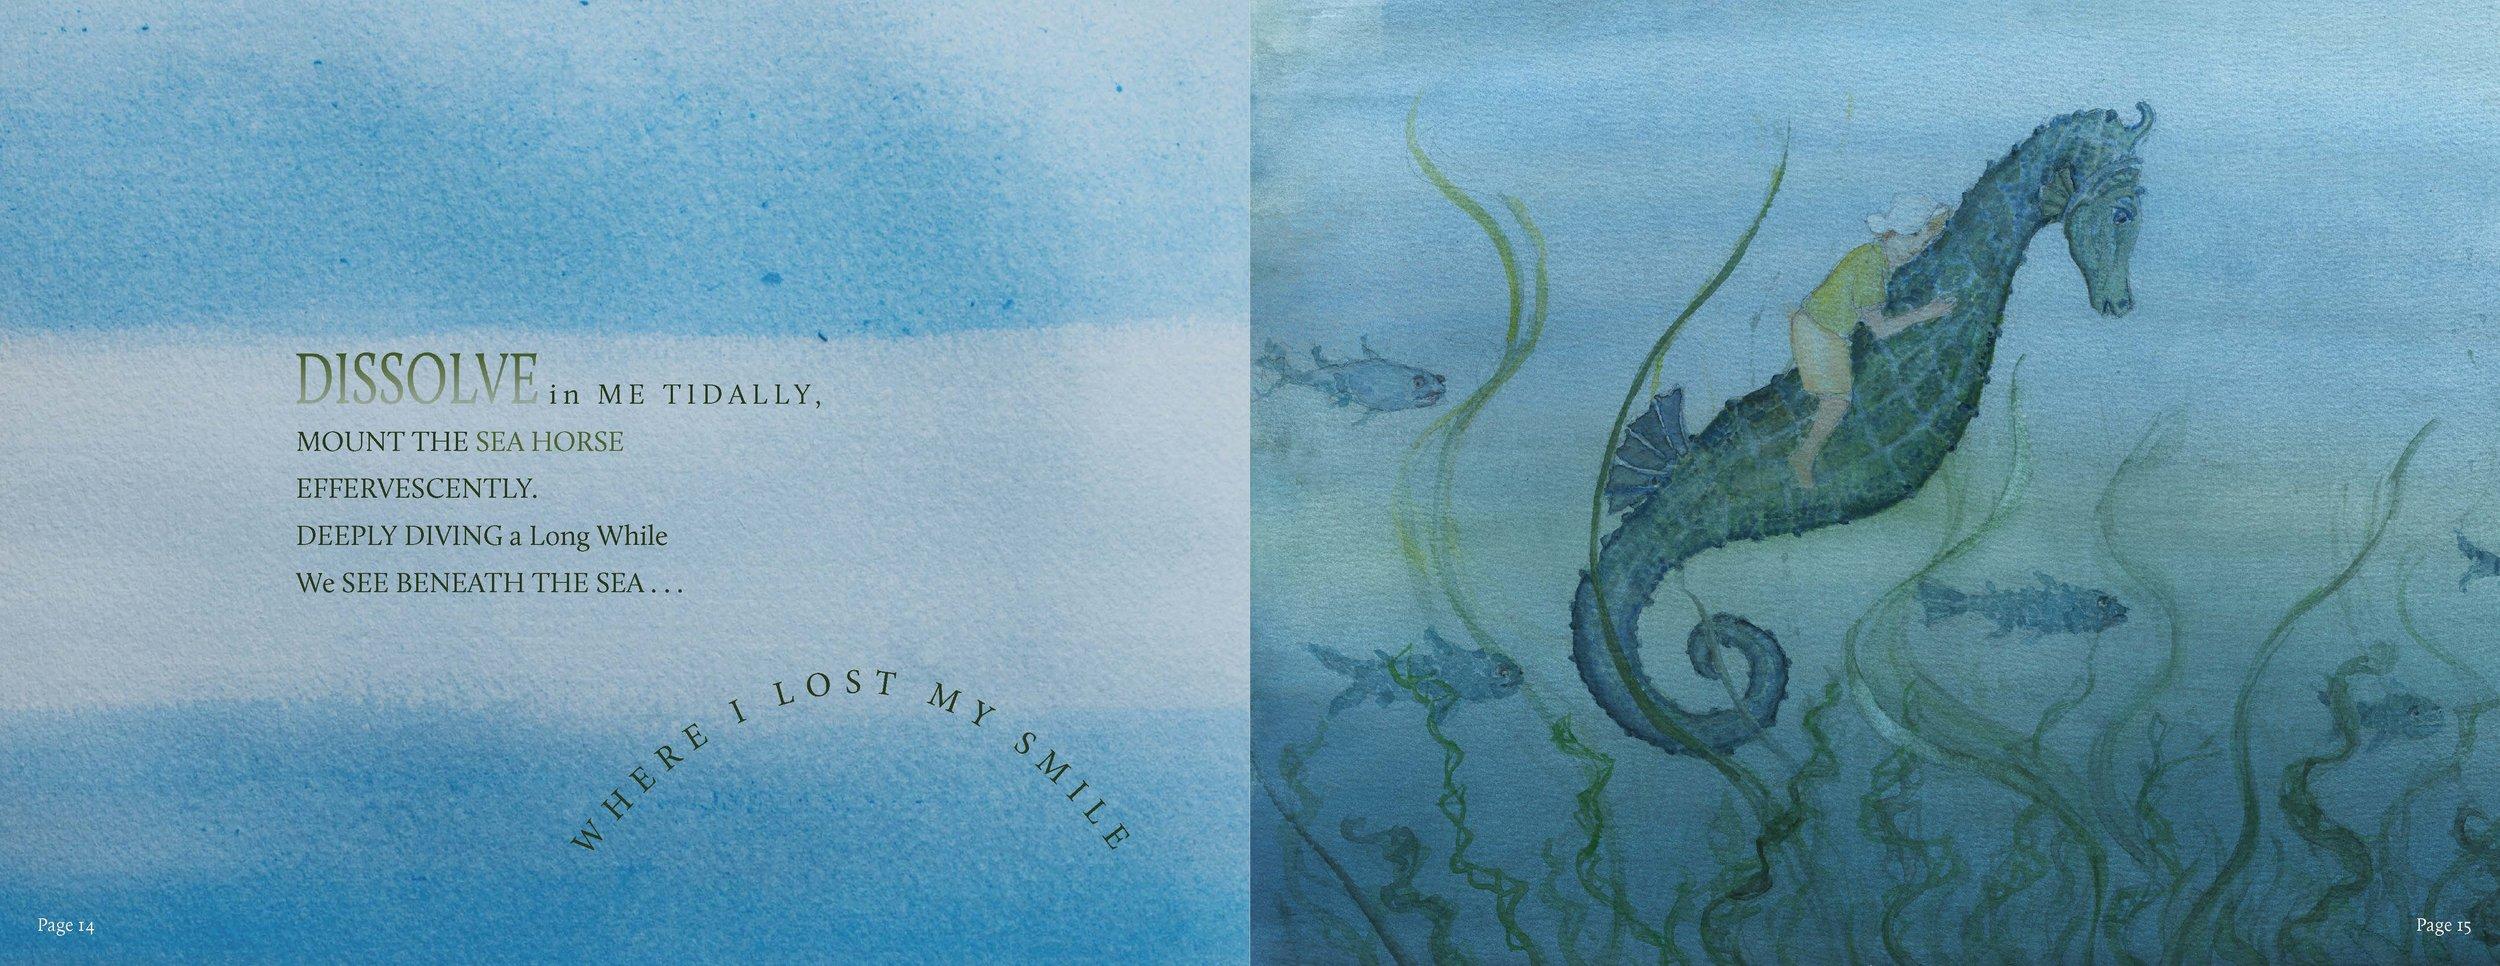 Sea Saw v7 Spreads Print_Page_08.jpg